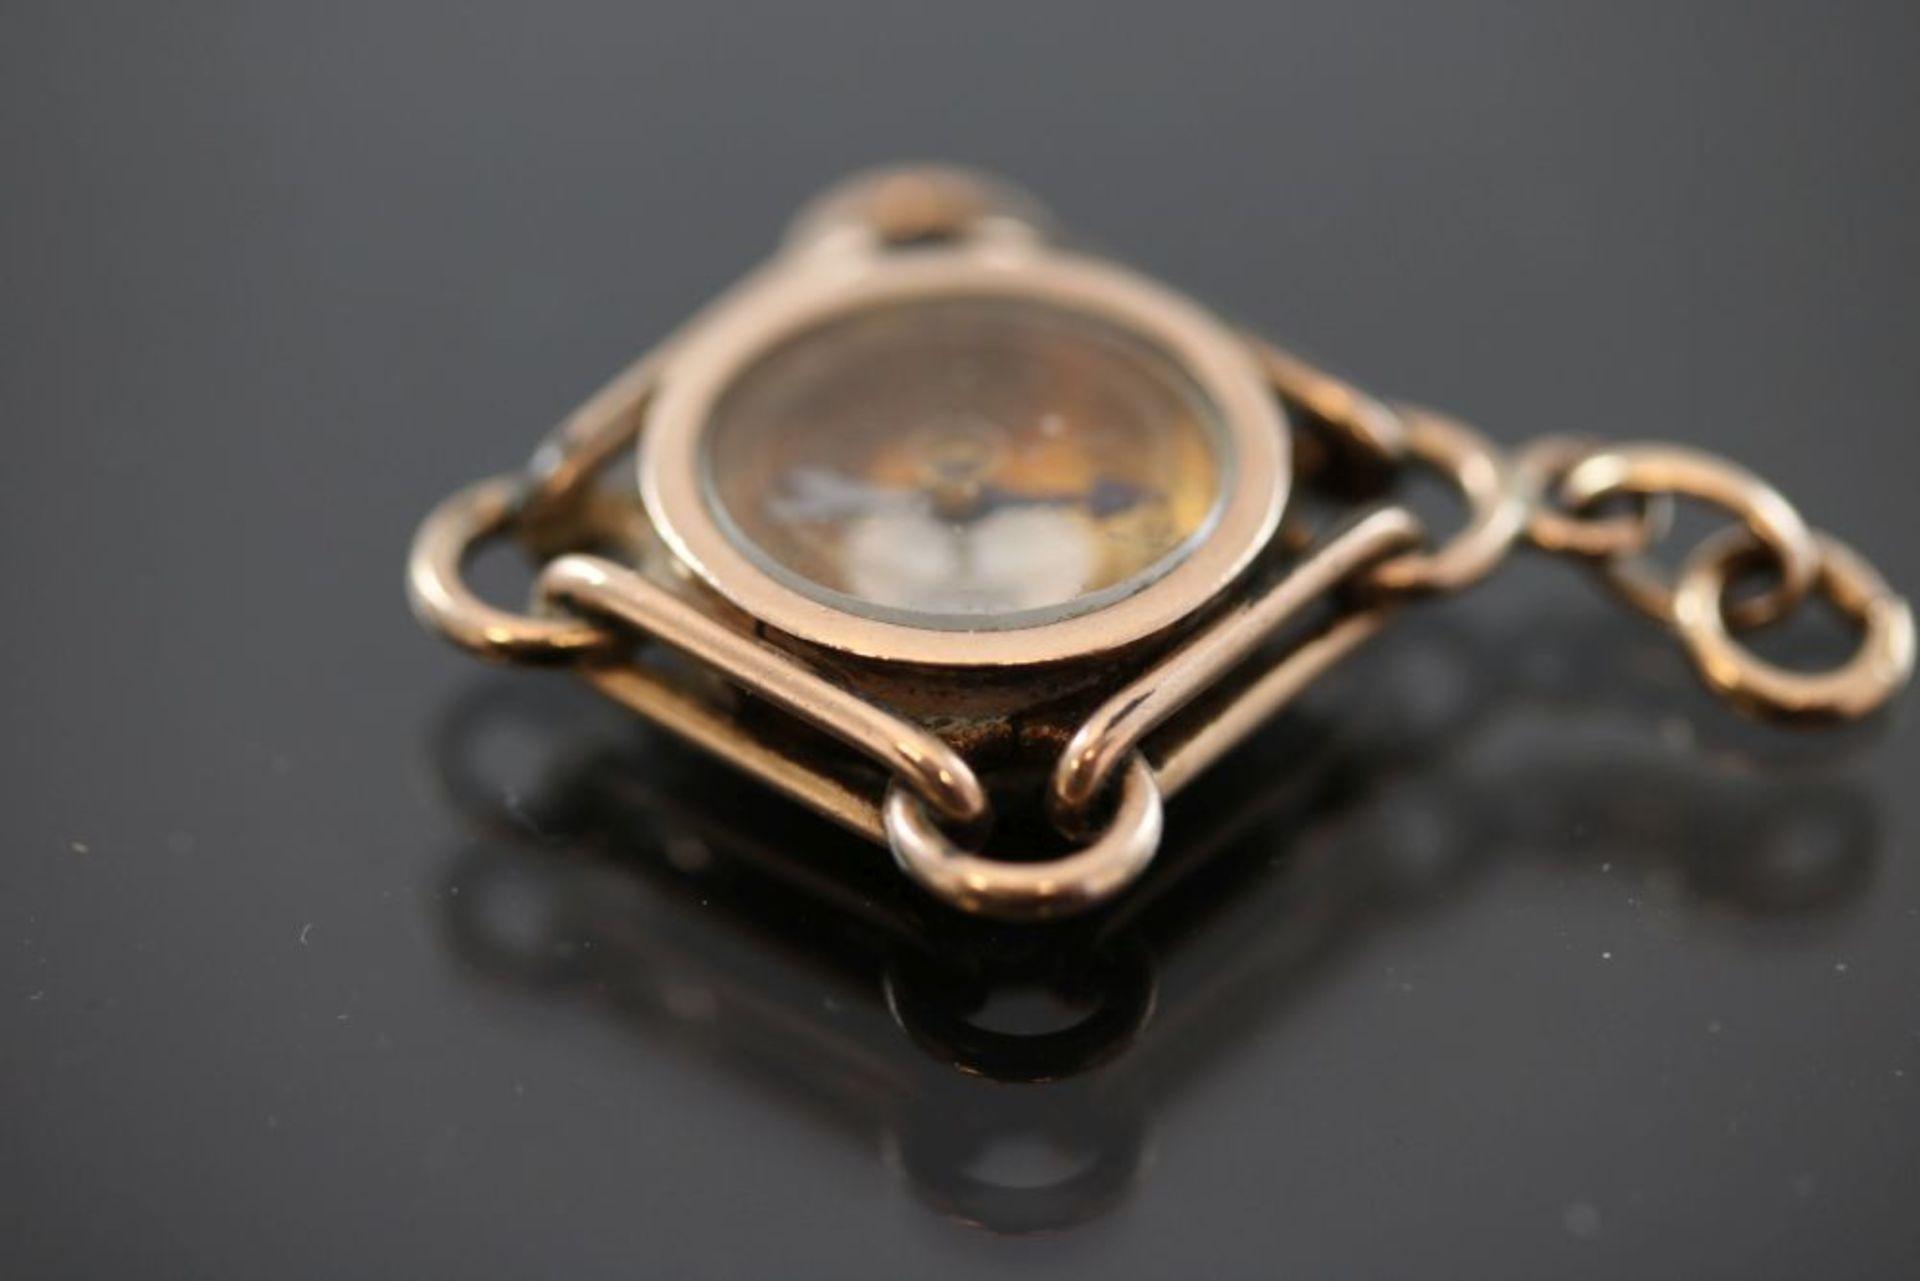 Kompass, 333 Gold - Bild 3 aus 3